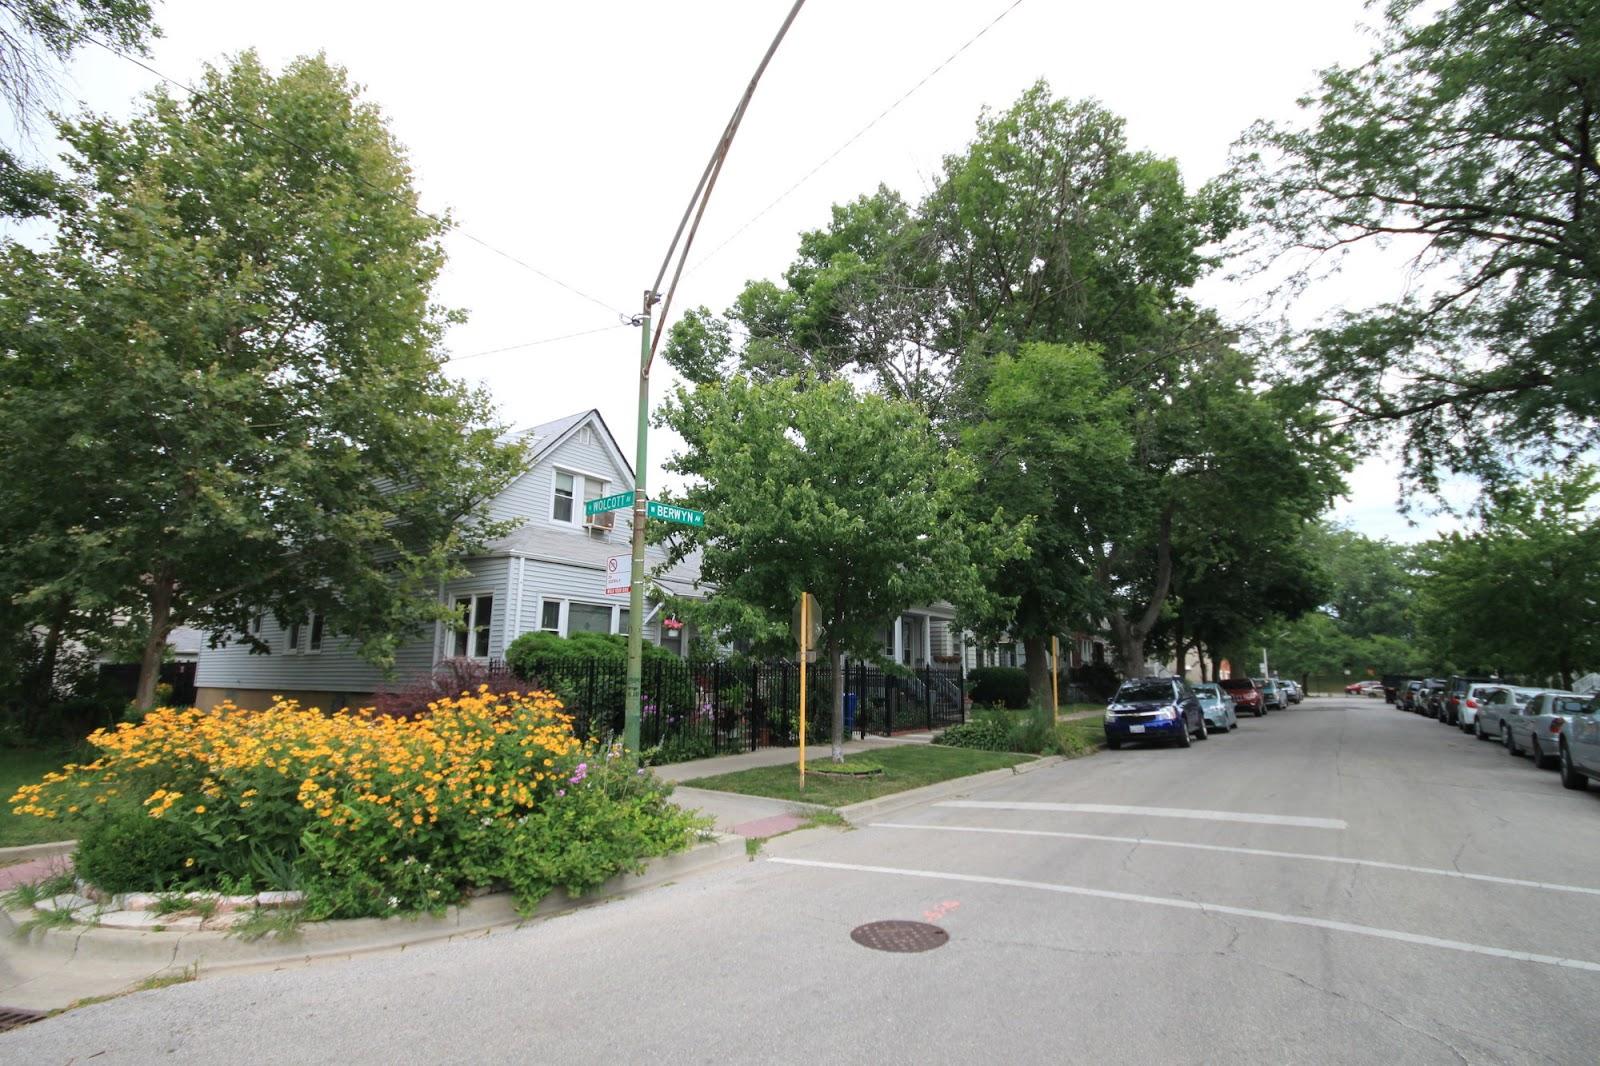 Bowmanville photo